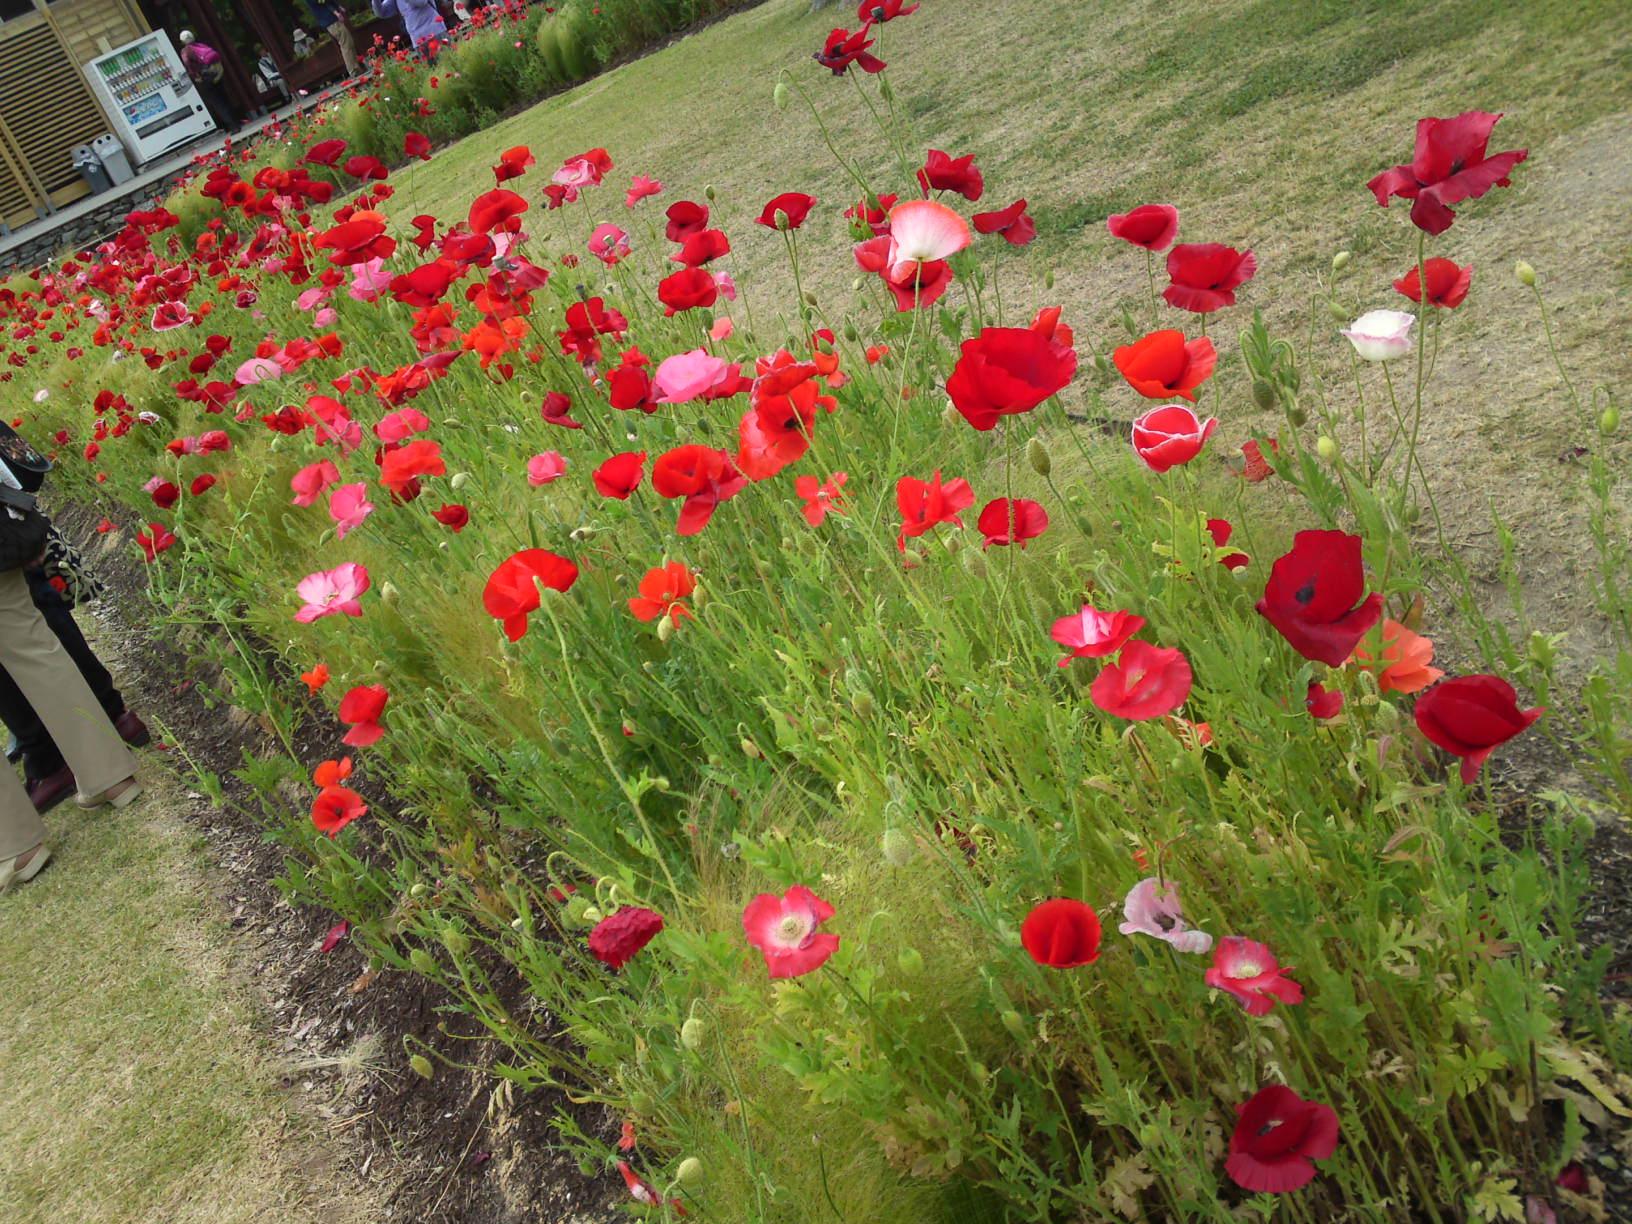 Poppies In Hamana Lake Flower Garden In Hamamatsu Ciy Shizuoka